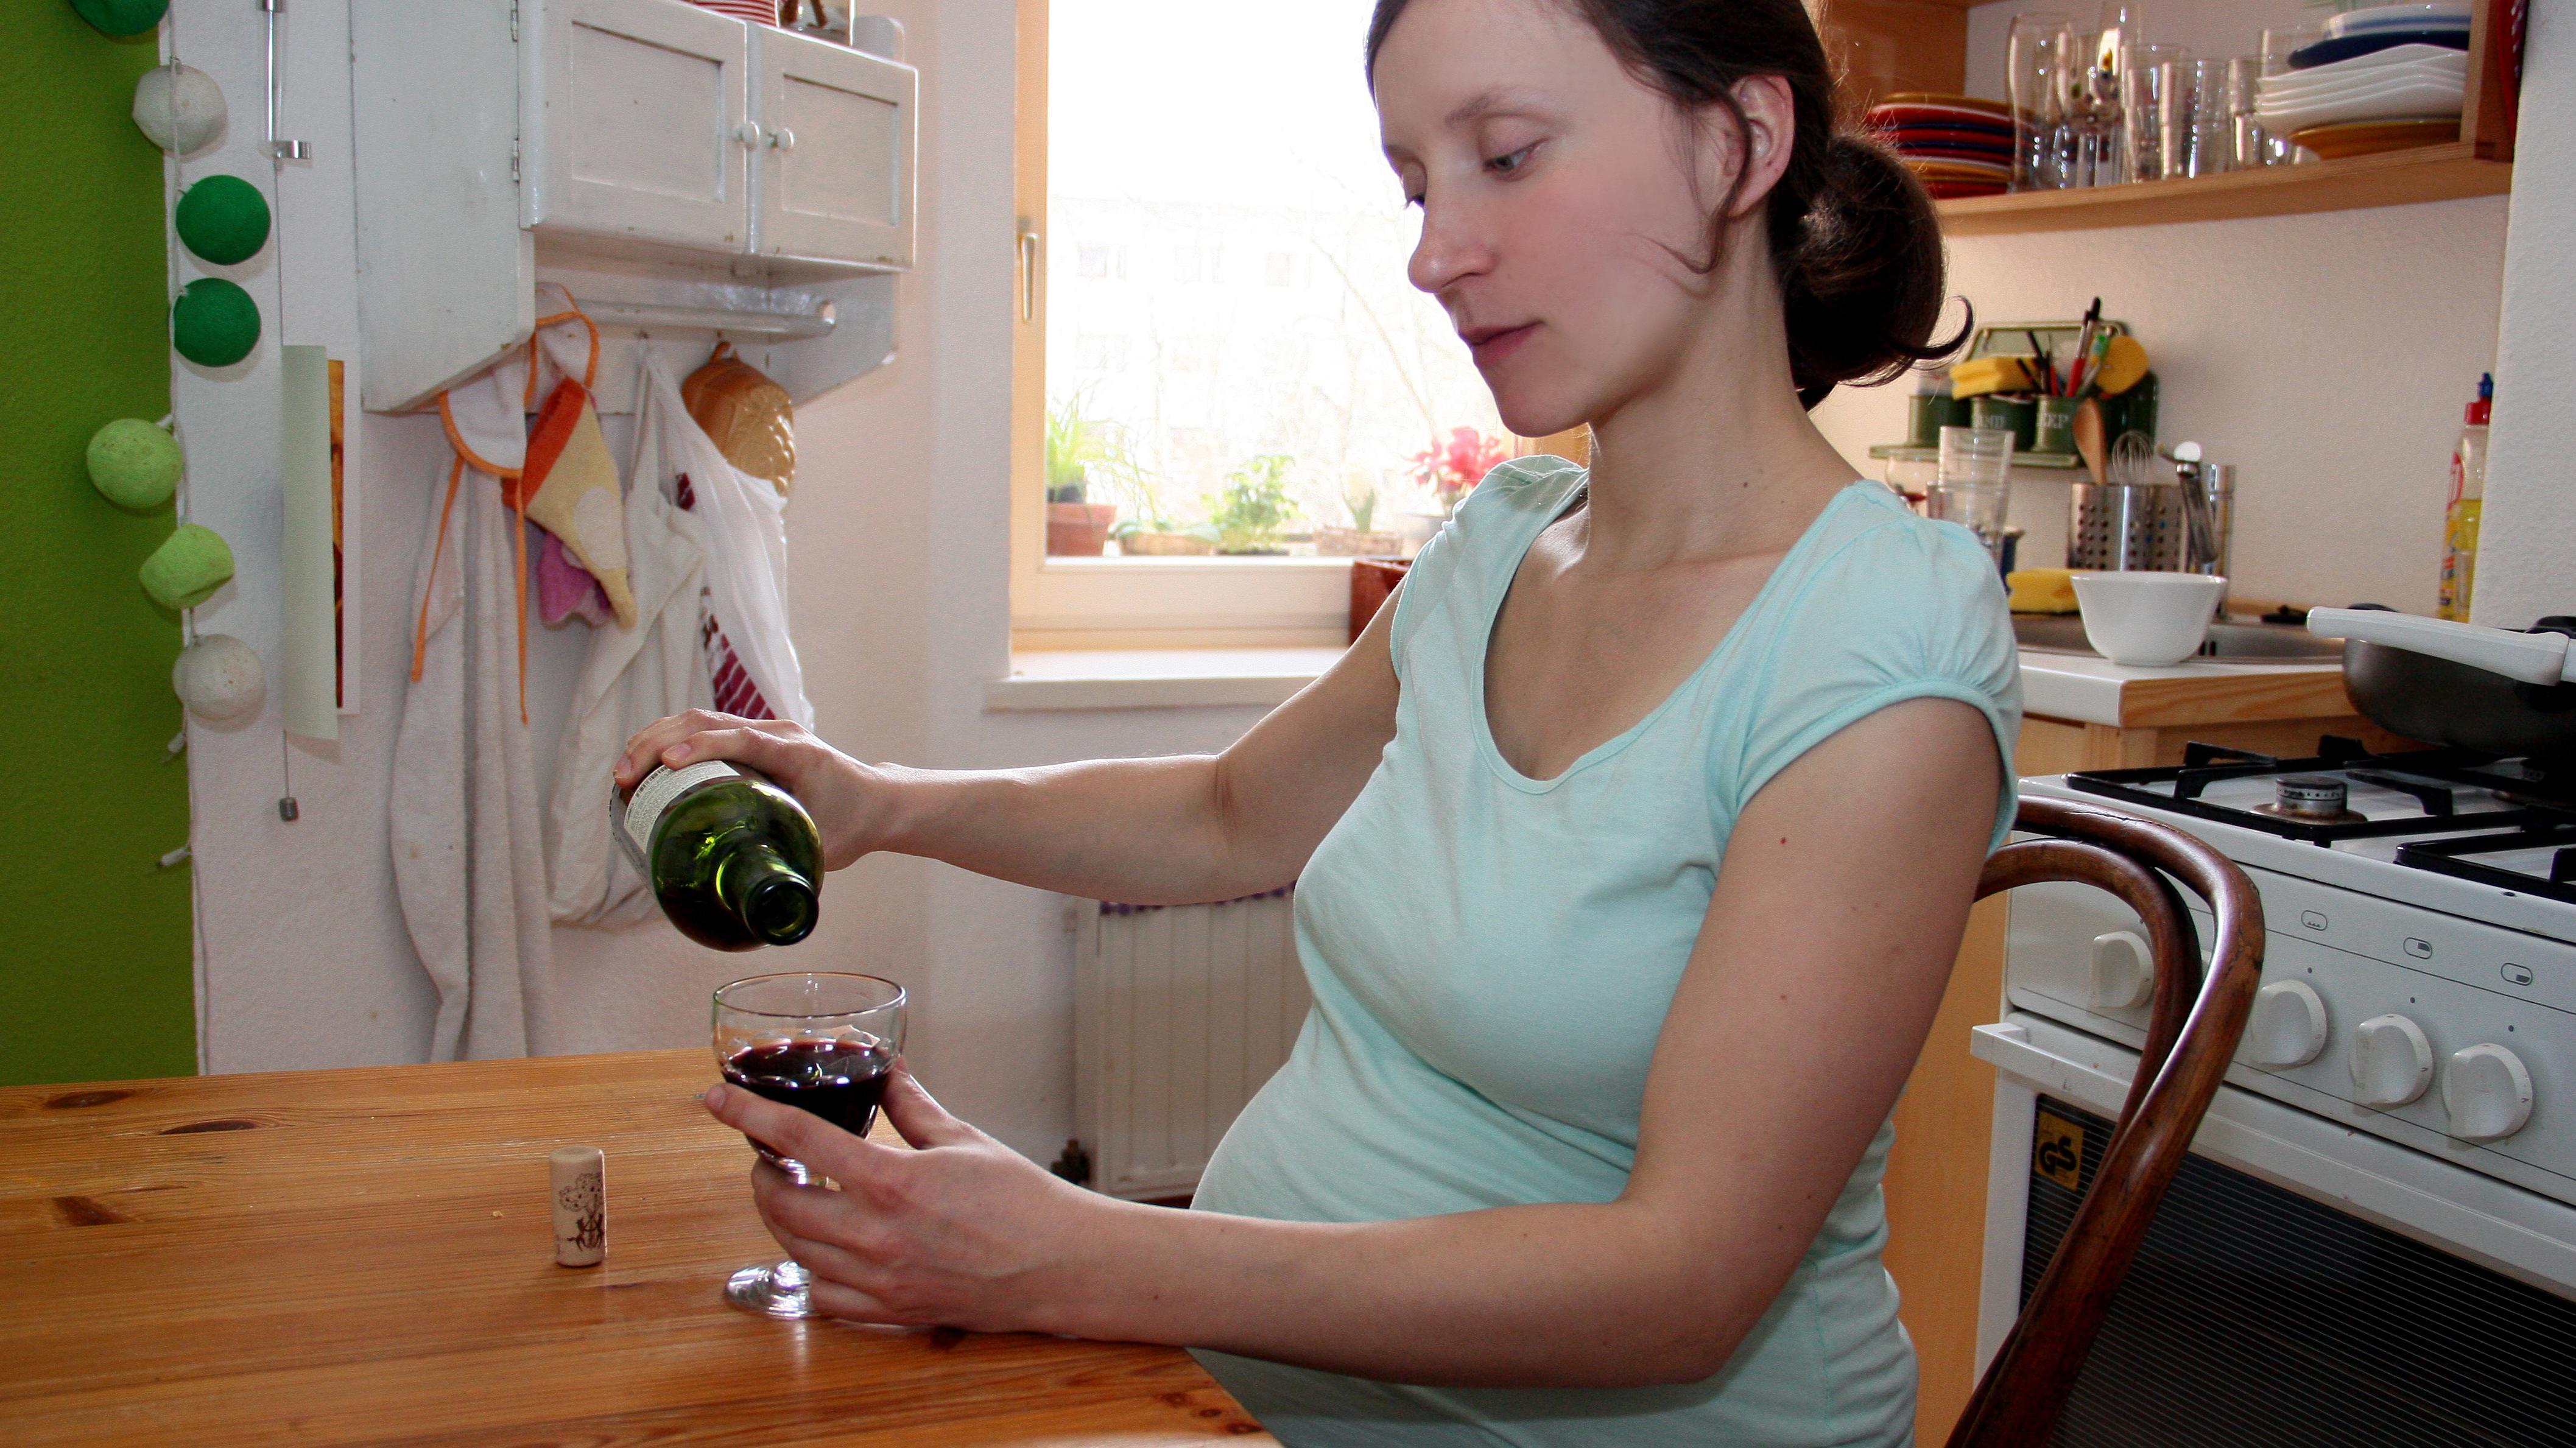 Schwangere Frau schenkt sich ein Glas Rotwein ein (Symbolbild)